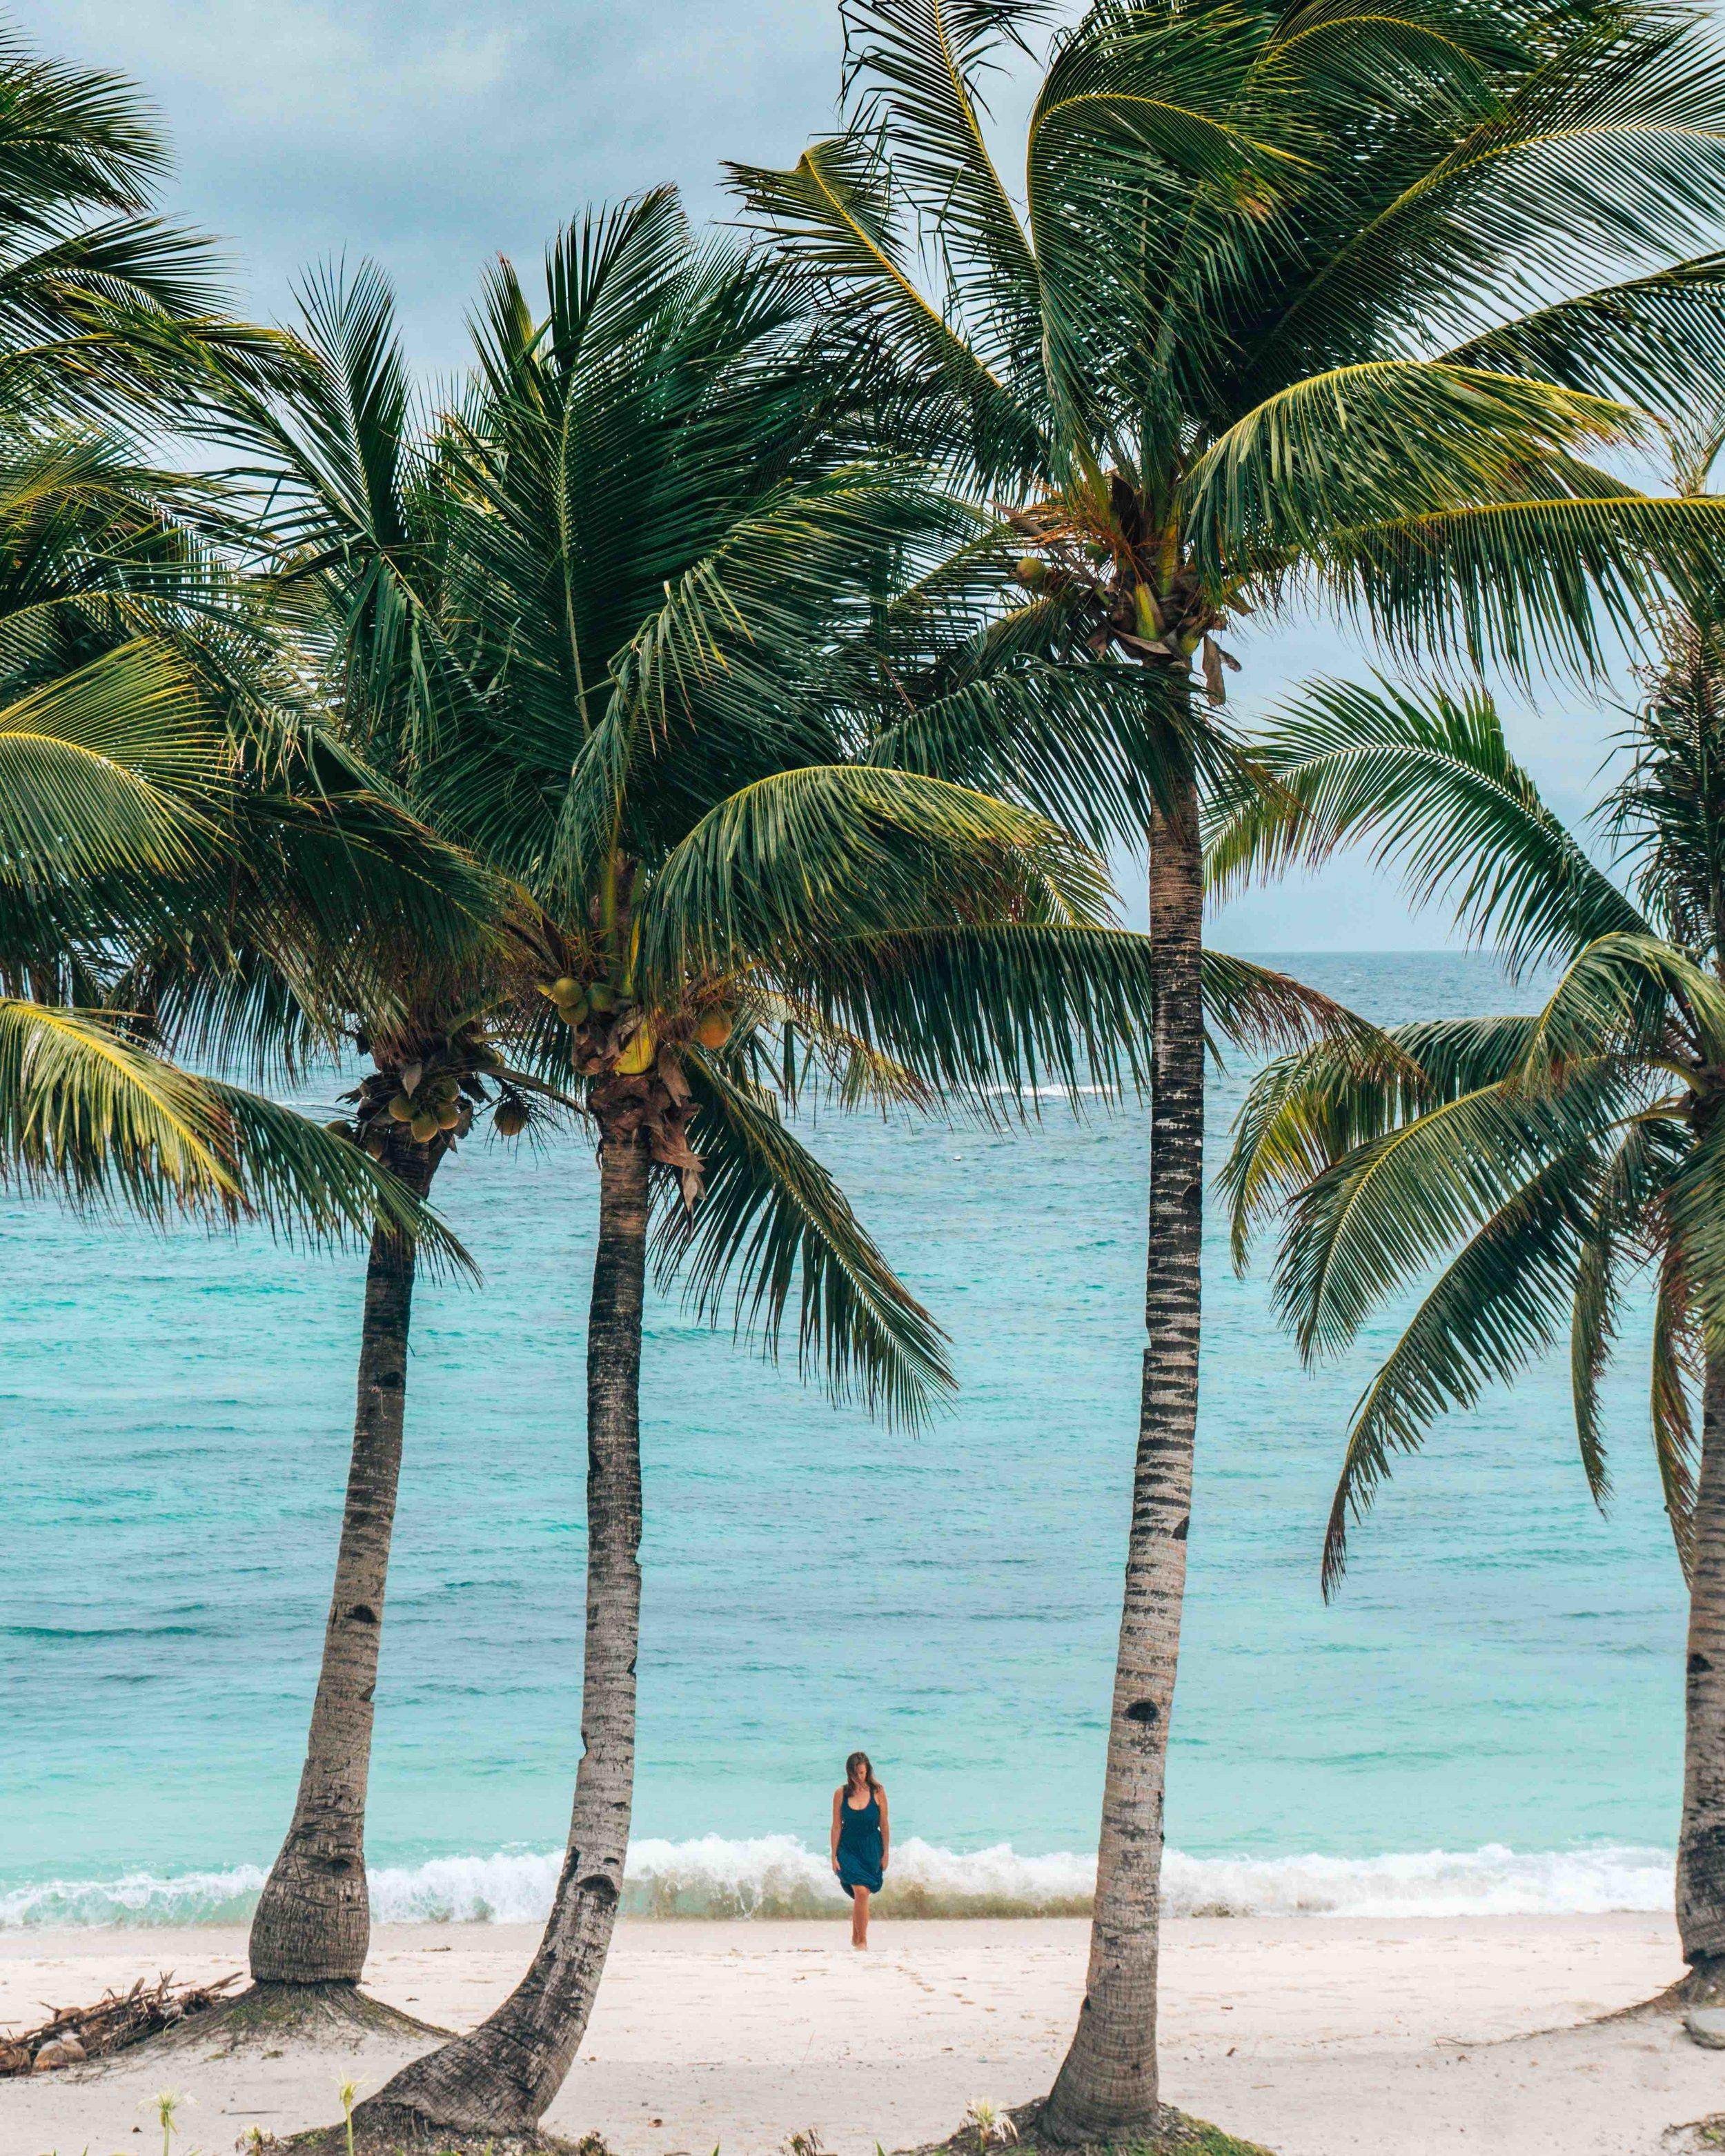 tropical_paradise_beach_island_philippines_boracay.jpg